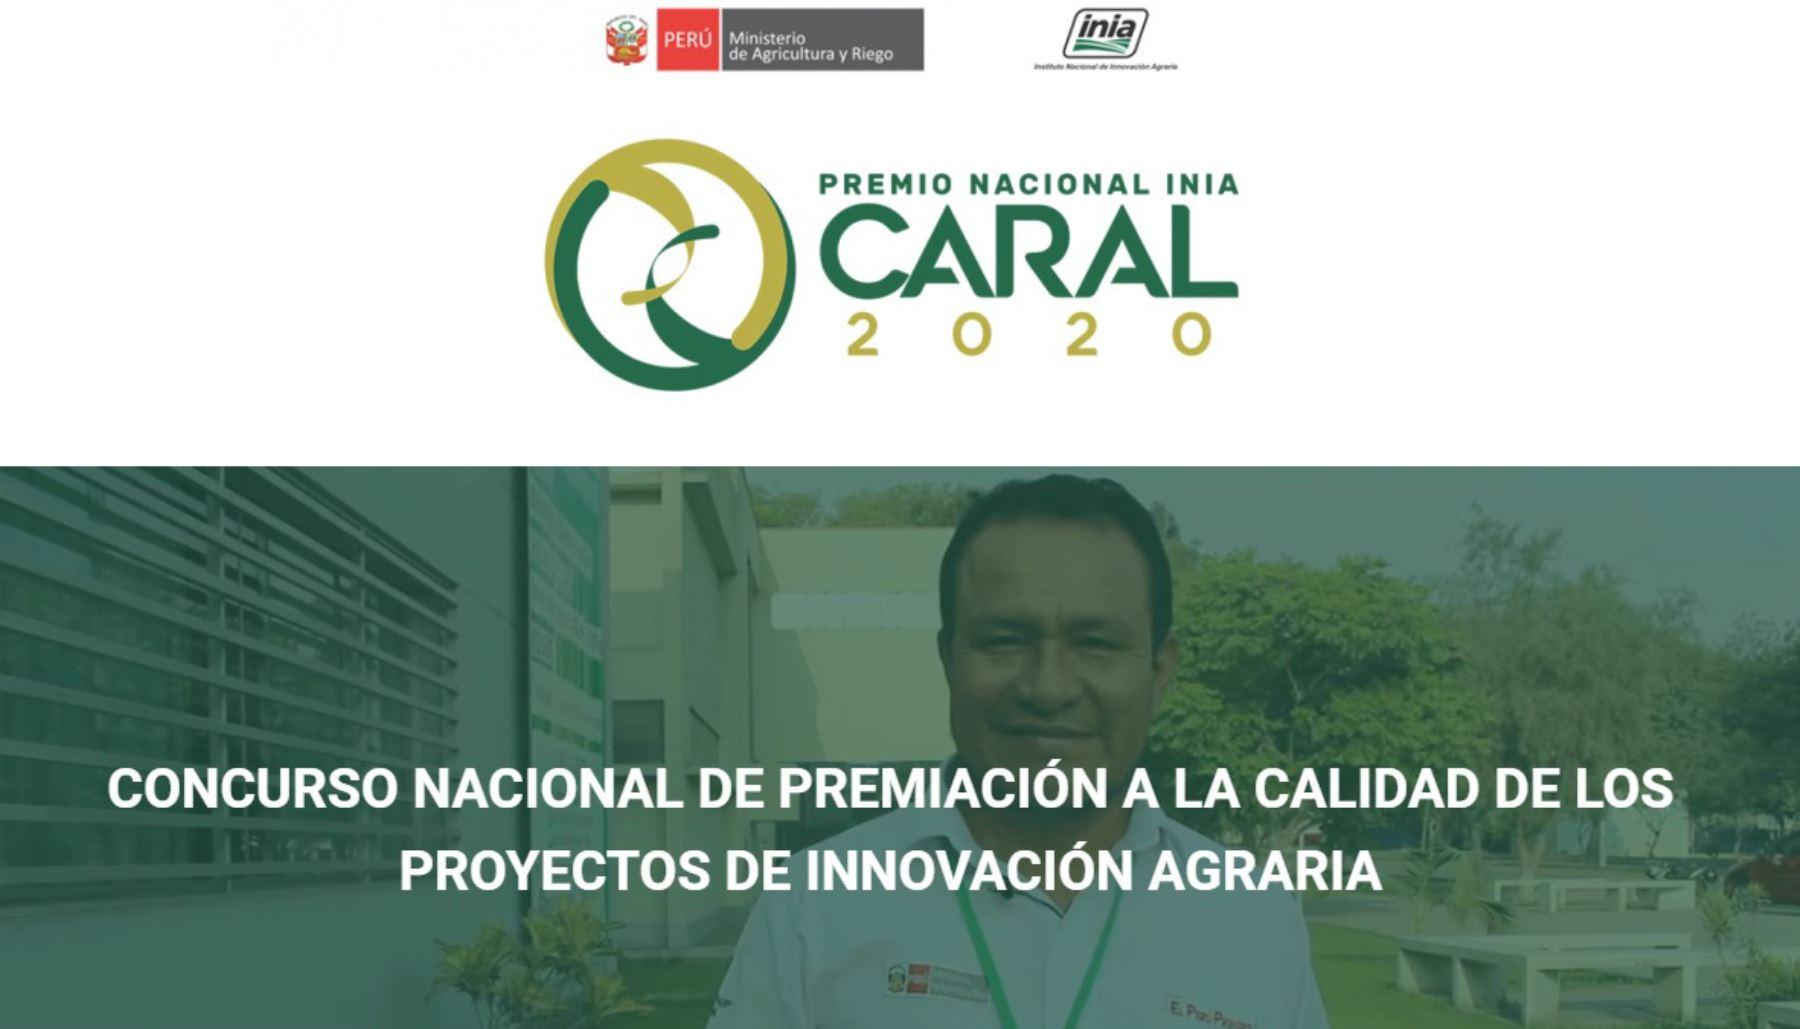 Los mejores proyectos de innovación agraria, pecuaria o forestal del país serán distinguidos con el Premio Nacional Caral, del Instituto de Innovación Agraria (INIA) y recibirán un reconocimiento económico de hasta 20,000 dólares.